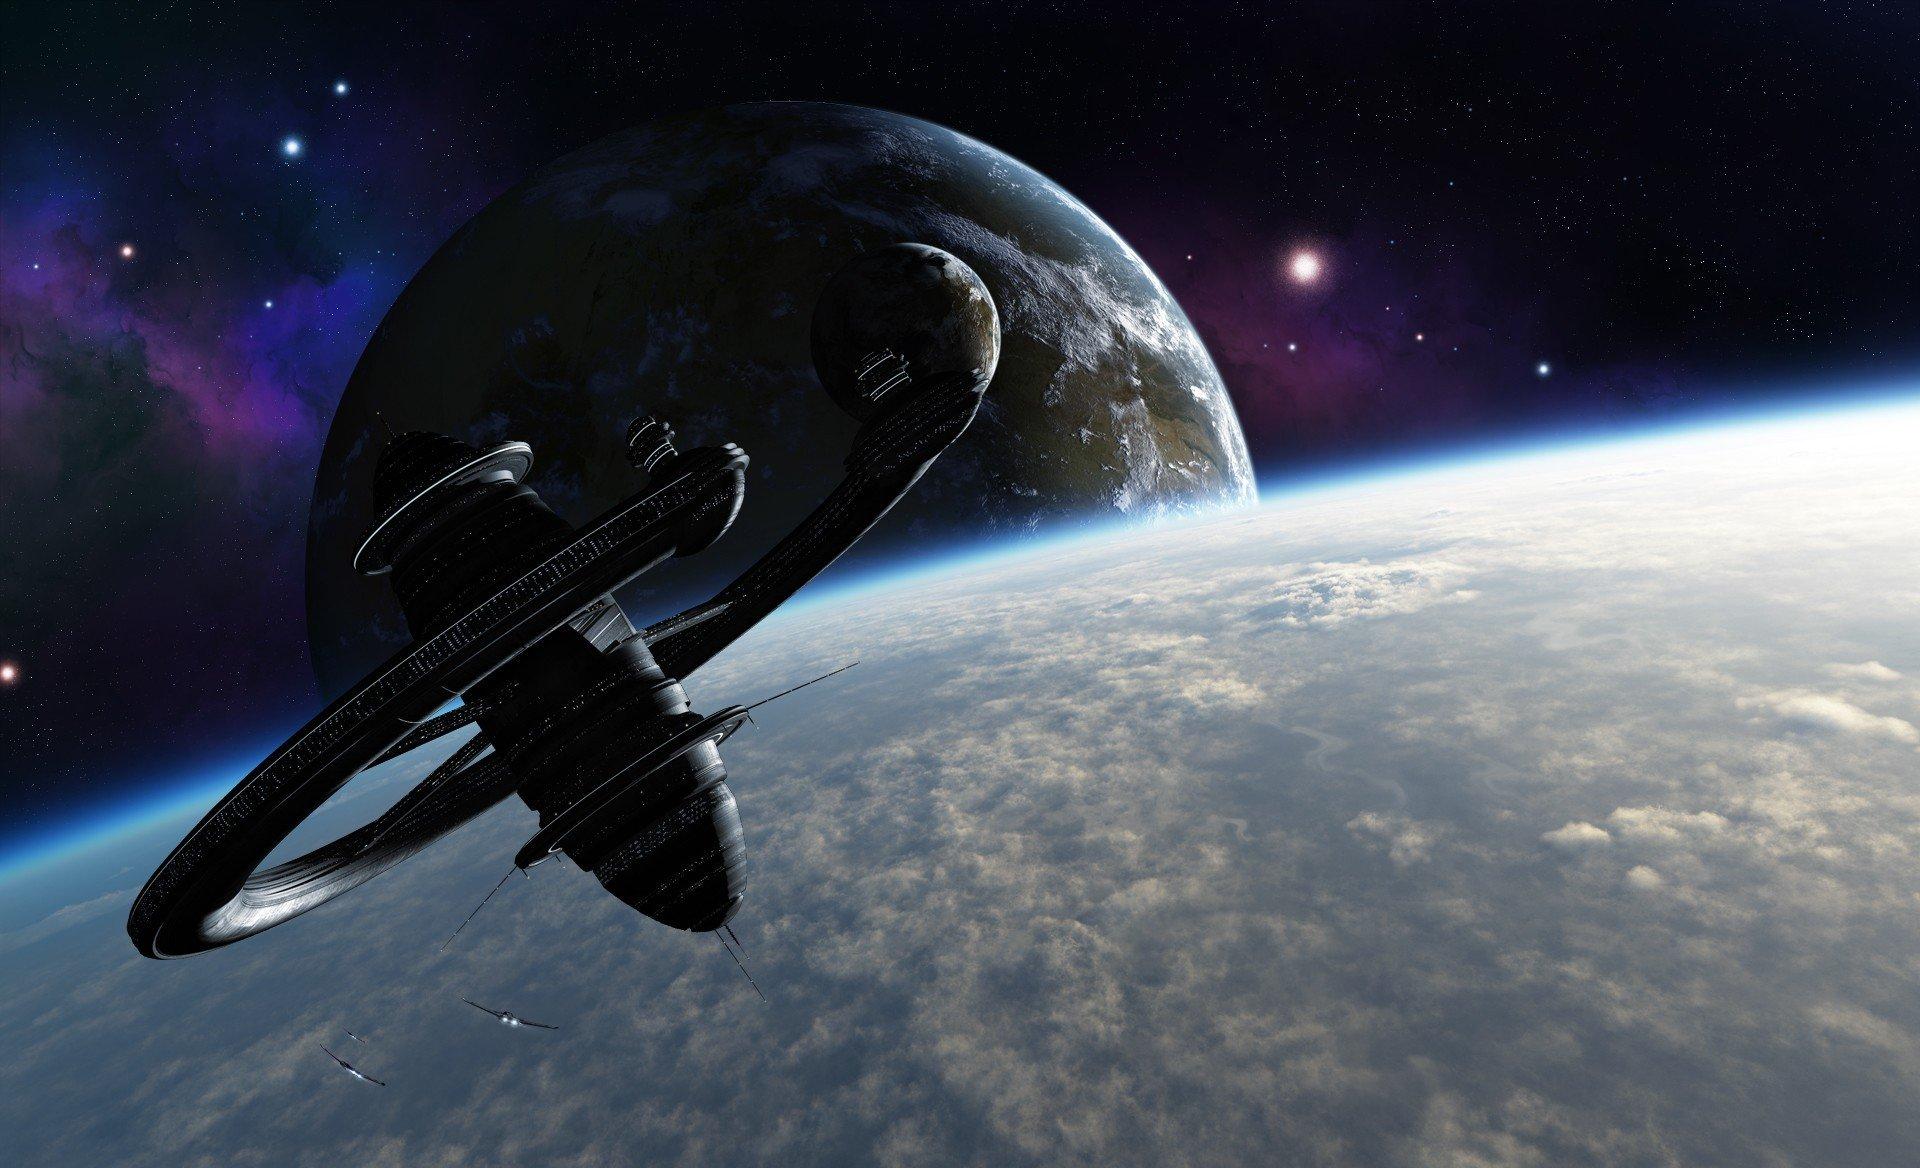 Обои космос земля спутник картинки на рабочий стол на тему Космос - скачать  № 1758033  скачать